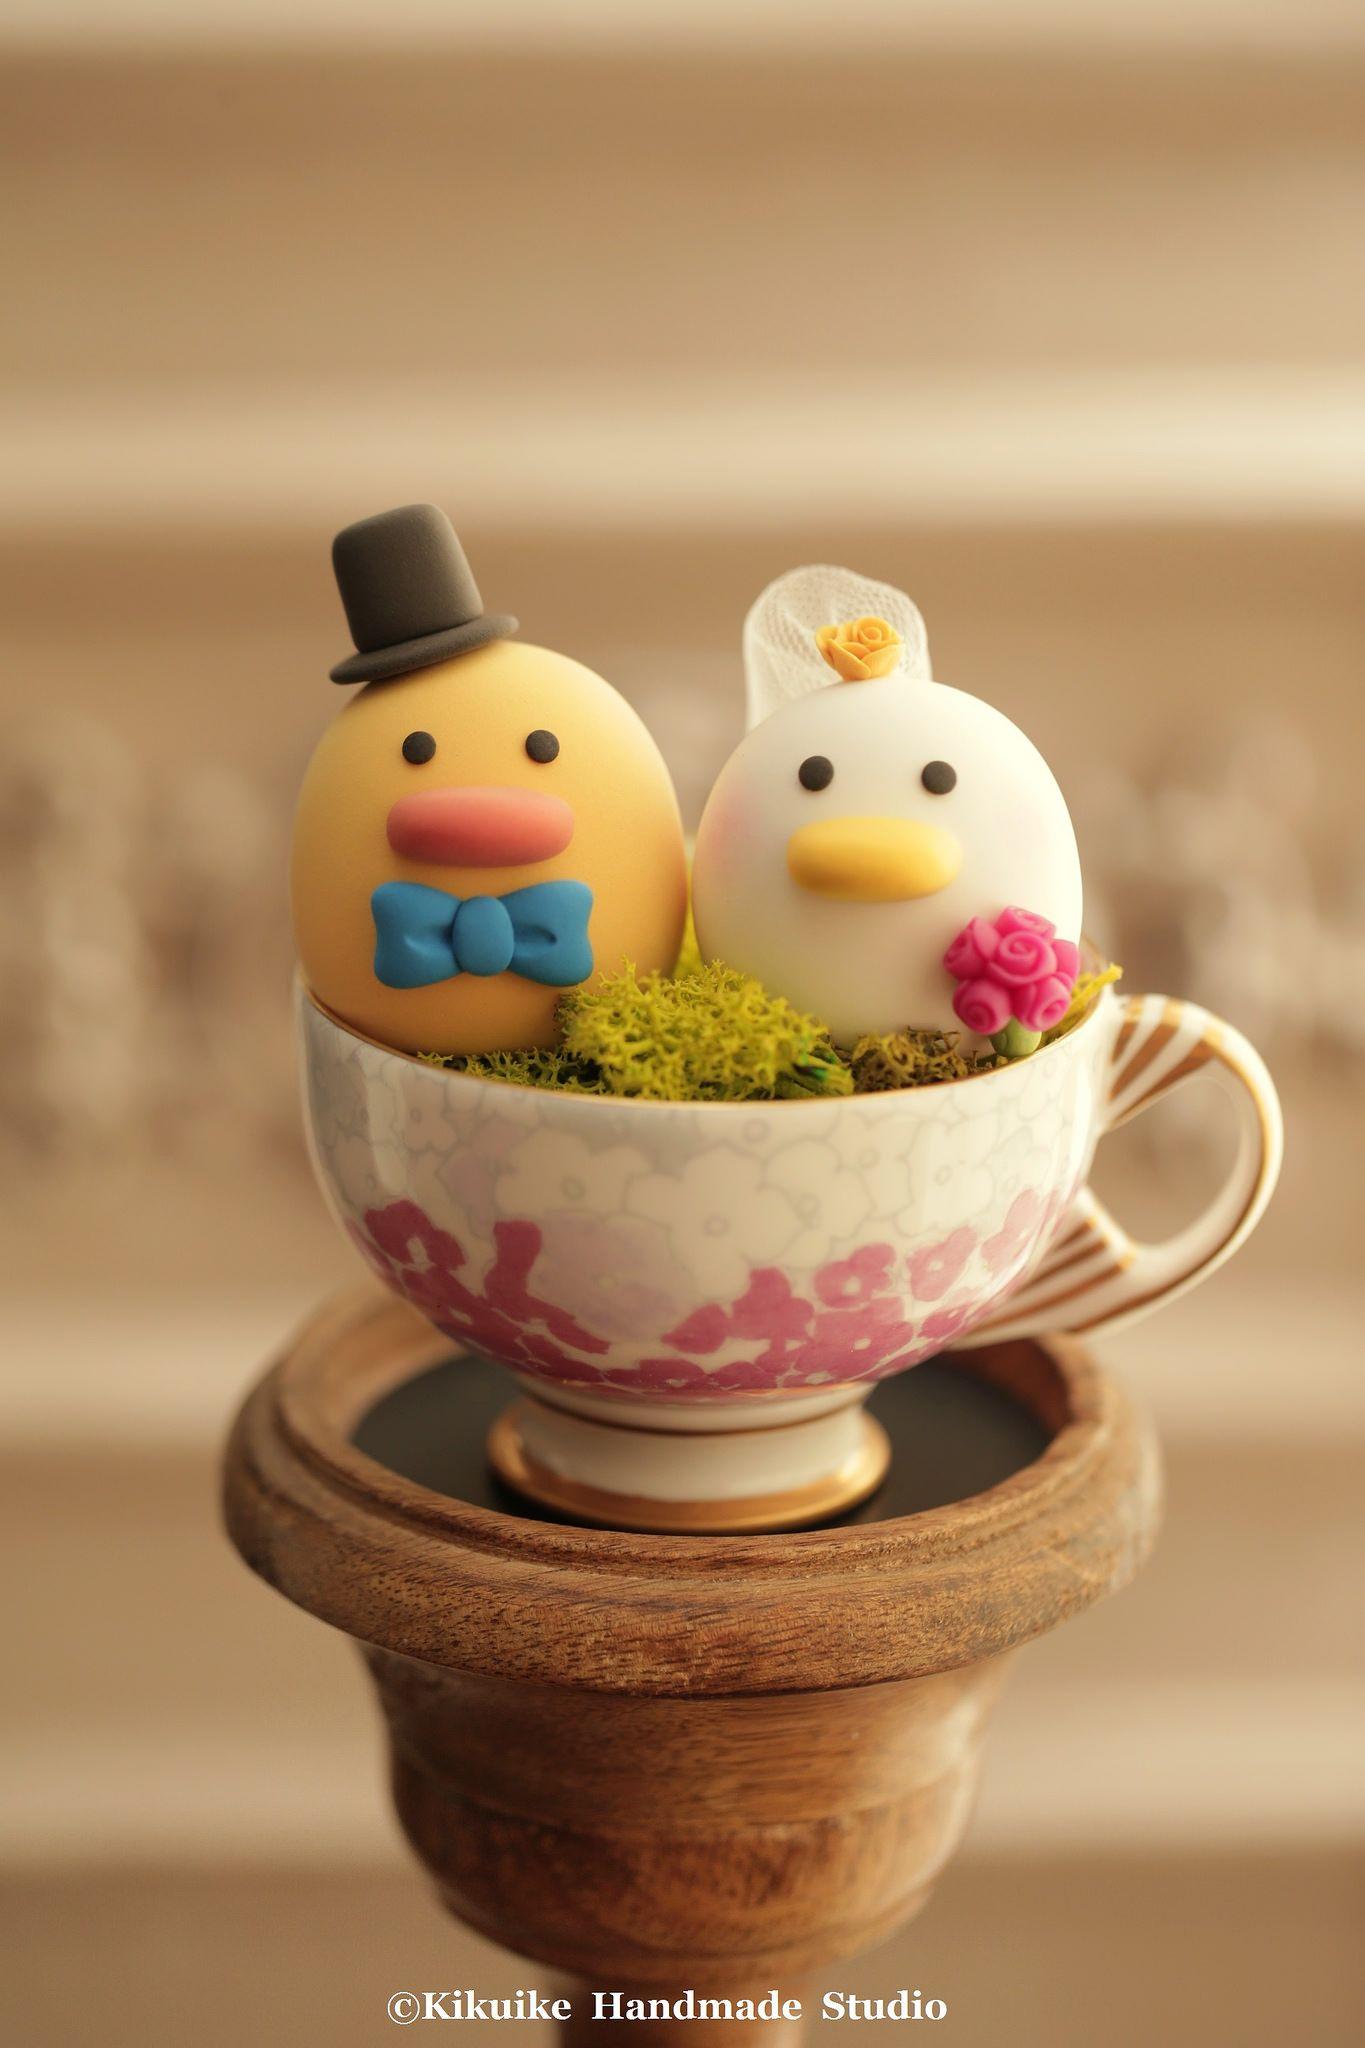 Ducks wedding cake topper   MochiEgg cake topper   Pinterest ...